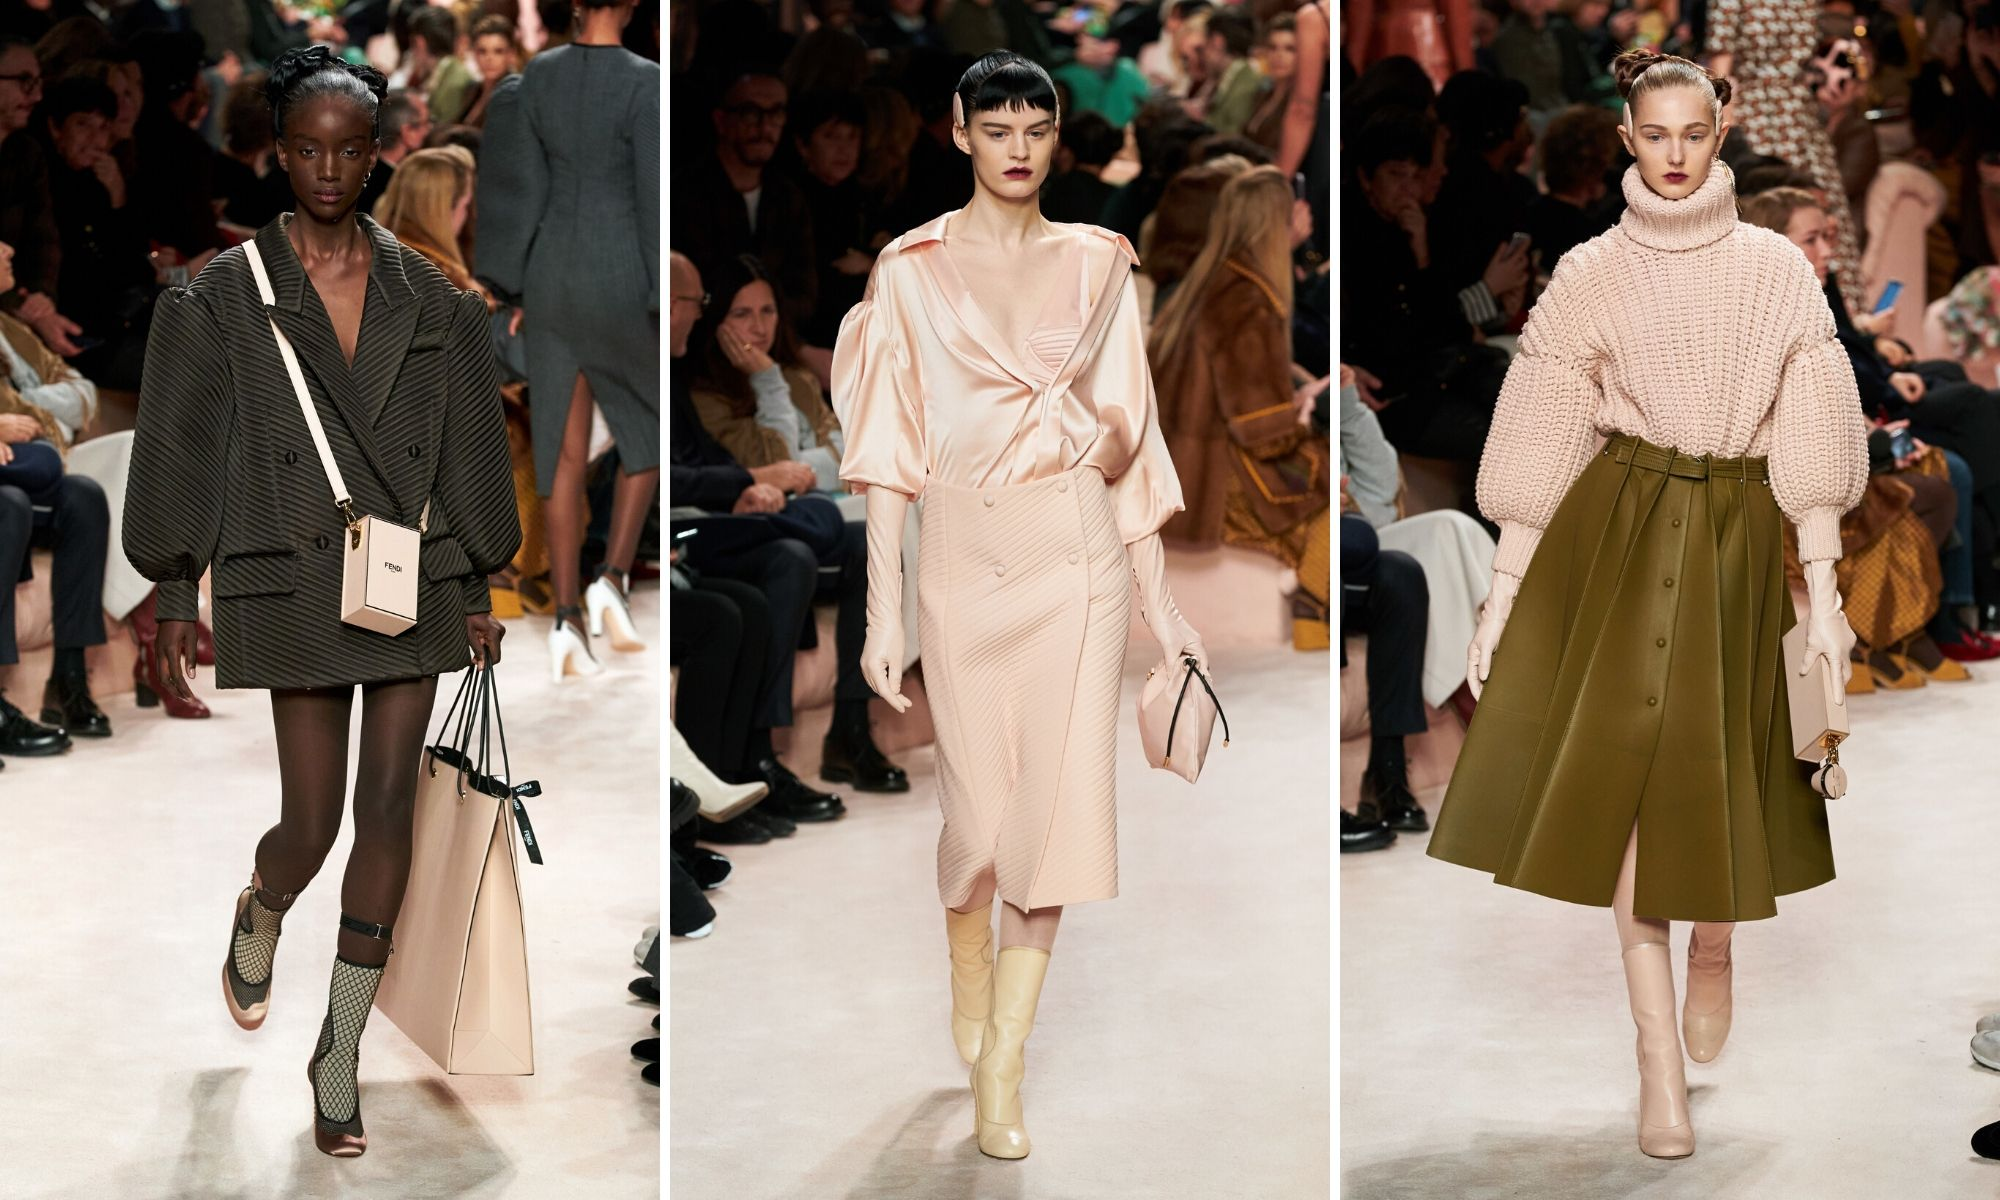 fendi thu đông 2020 các thiết kế màu hồng millennial